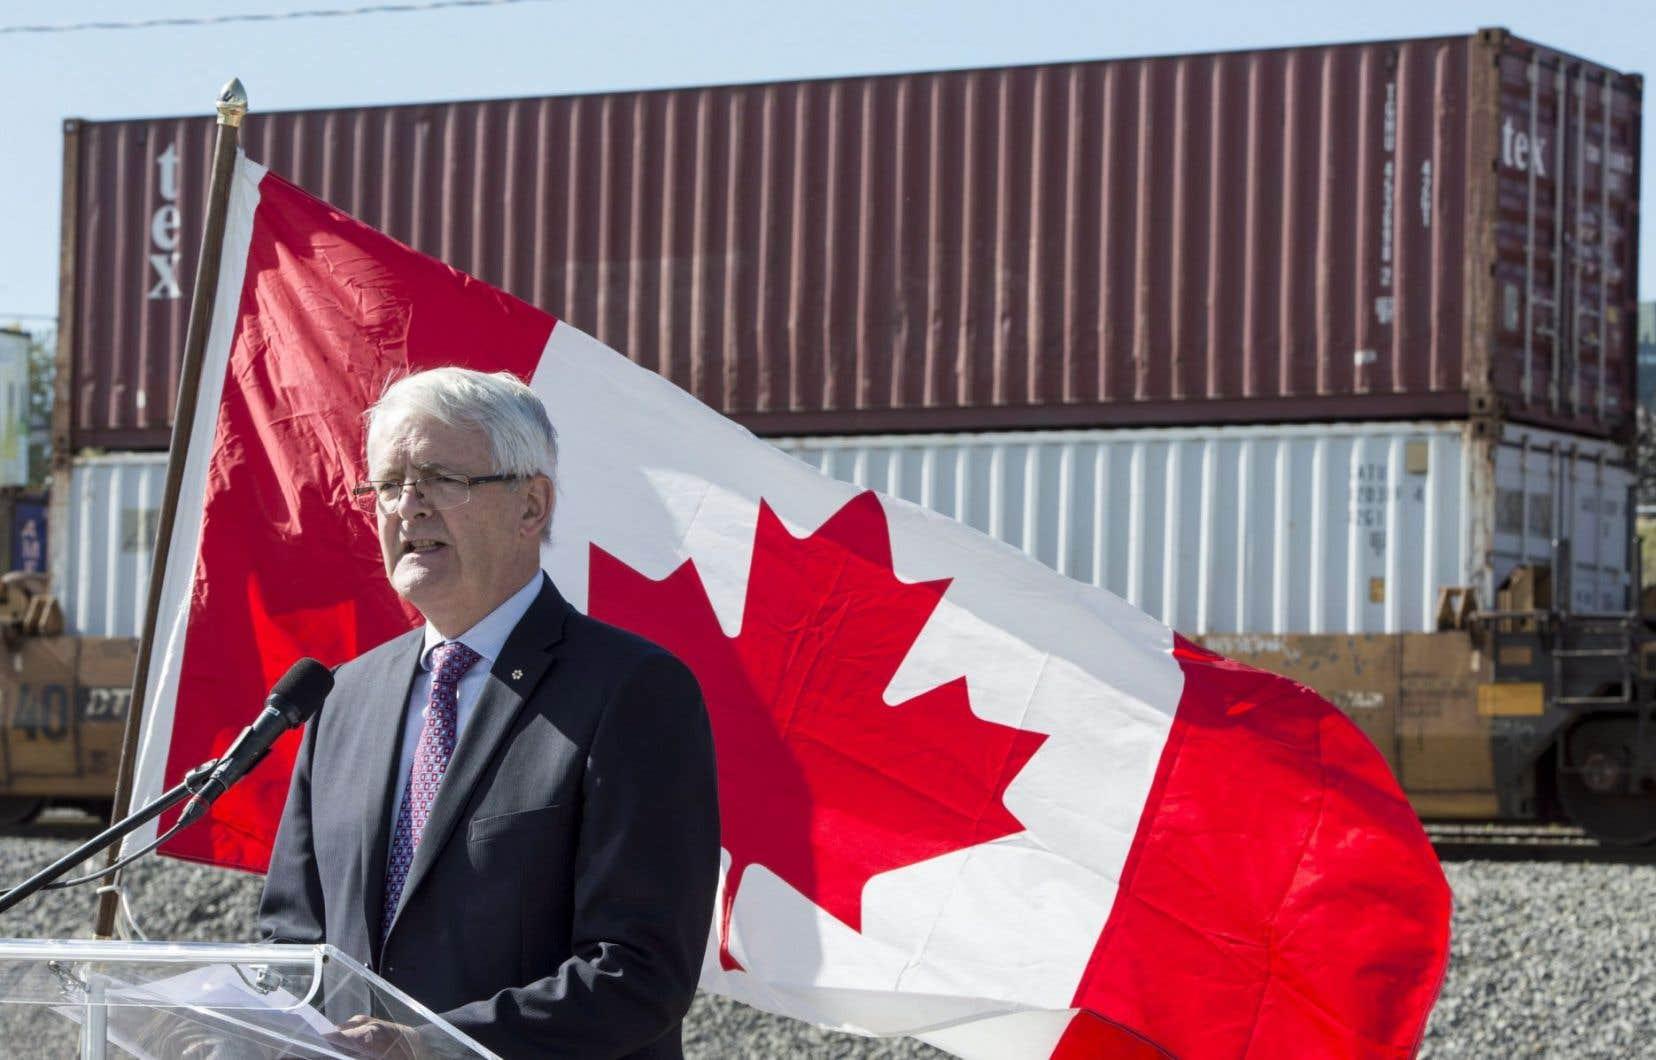 Le ministre fédéral des Transports, Marc Garneau,a rappelé mercredi que de nouvelles «règles» ont été mises en place depuis la tragédie de Lac-Mégantic.